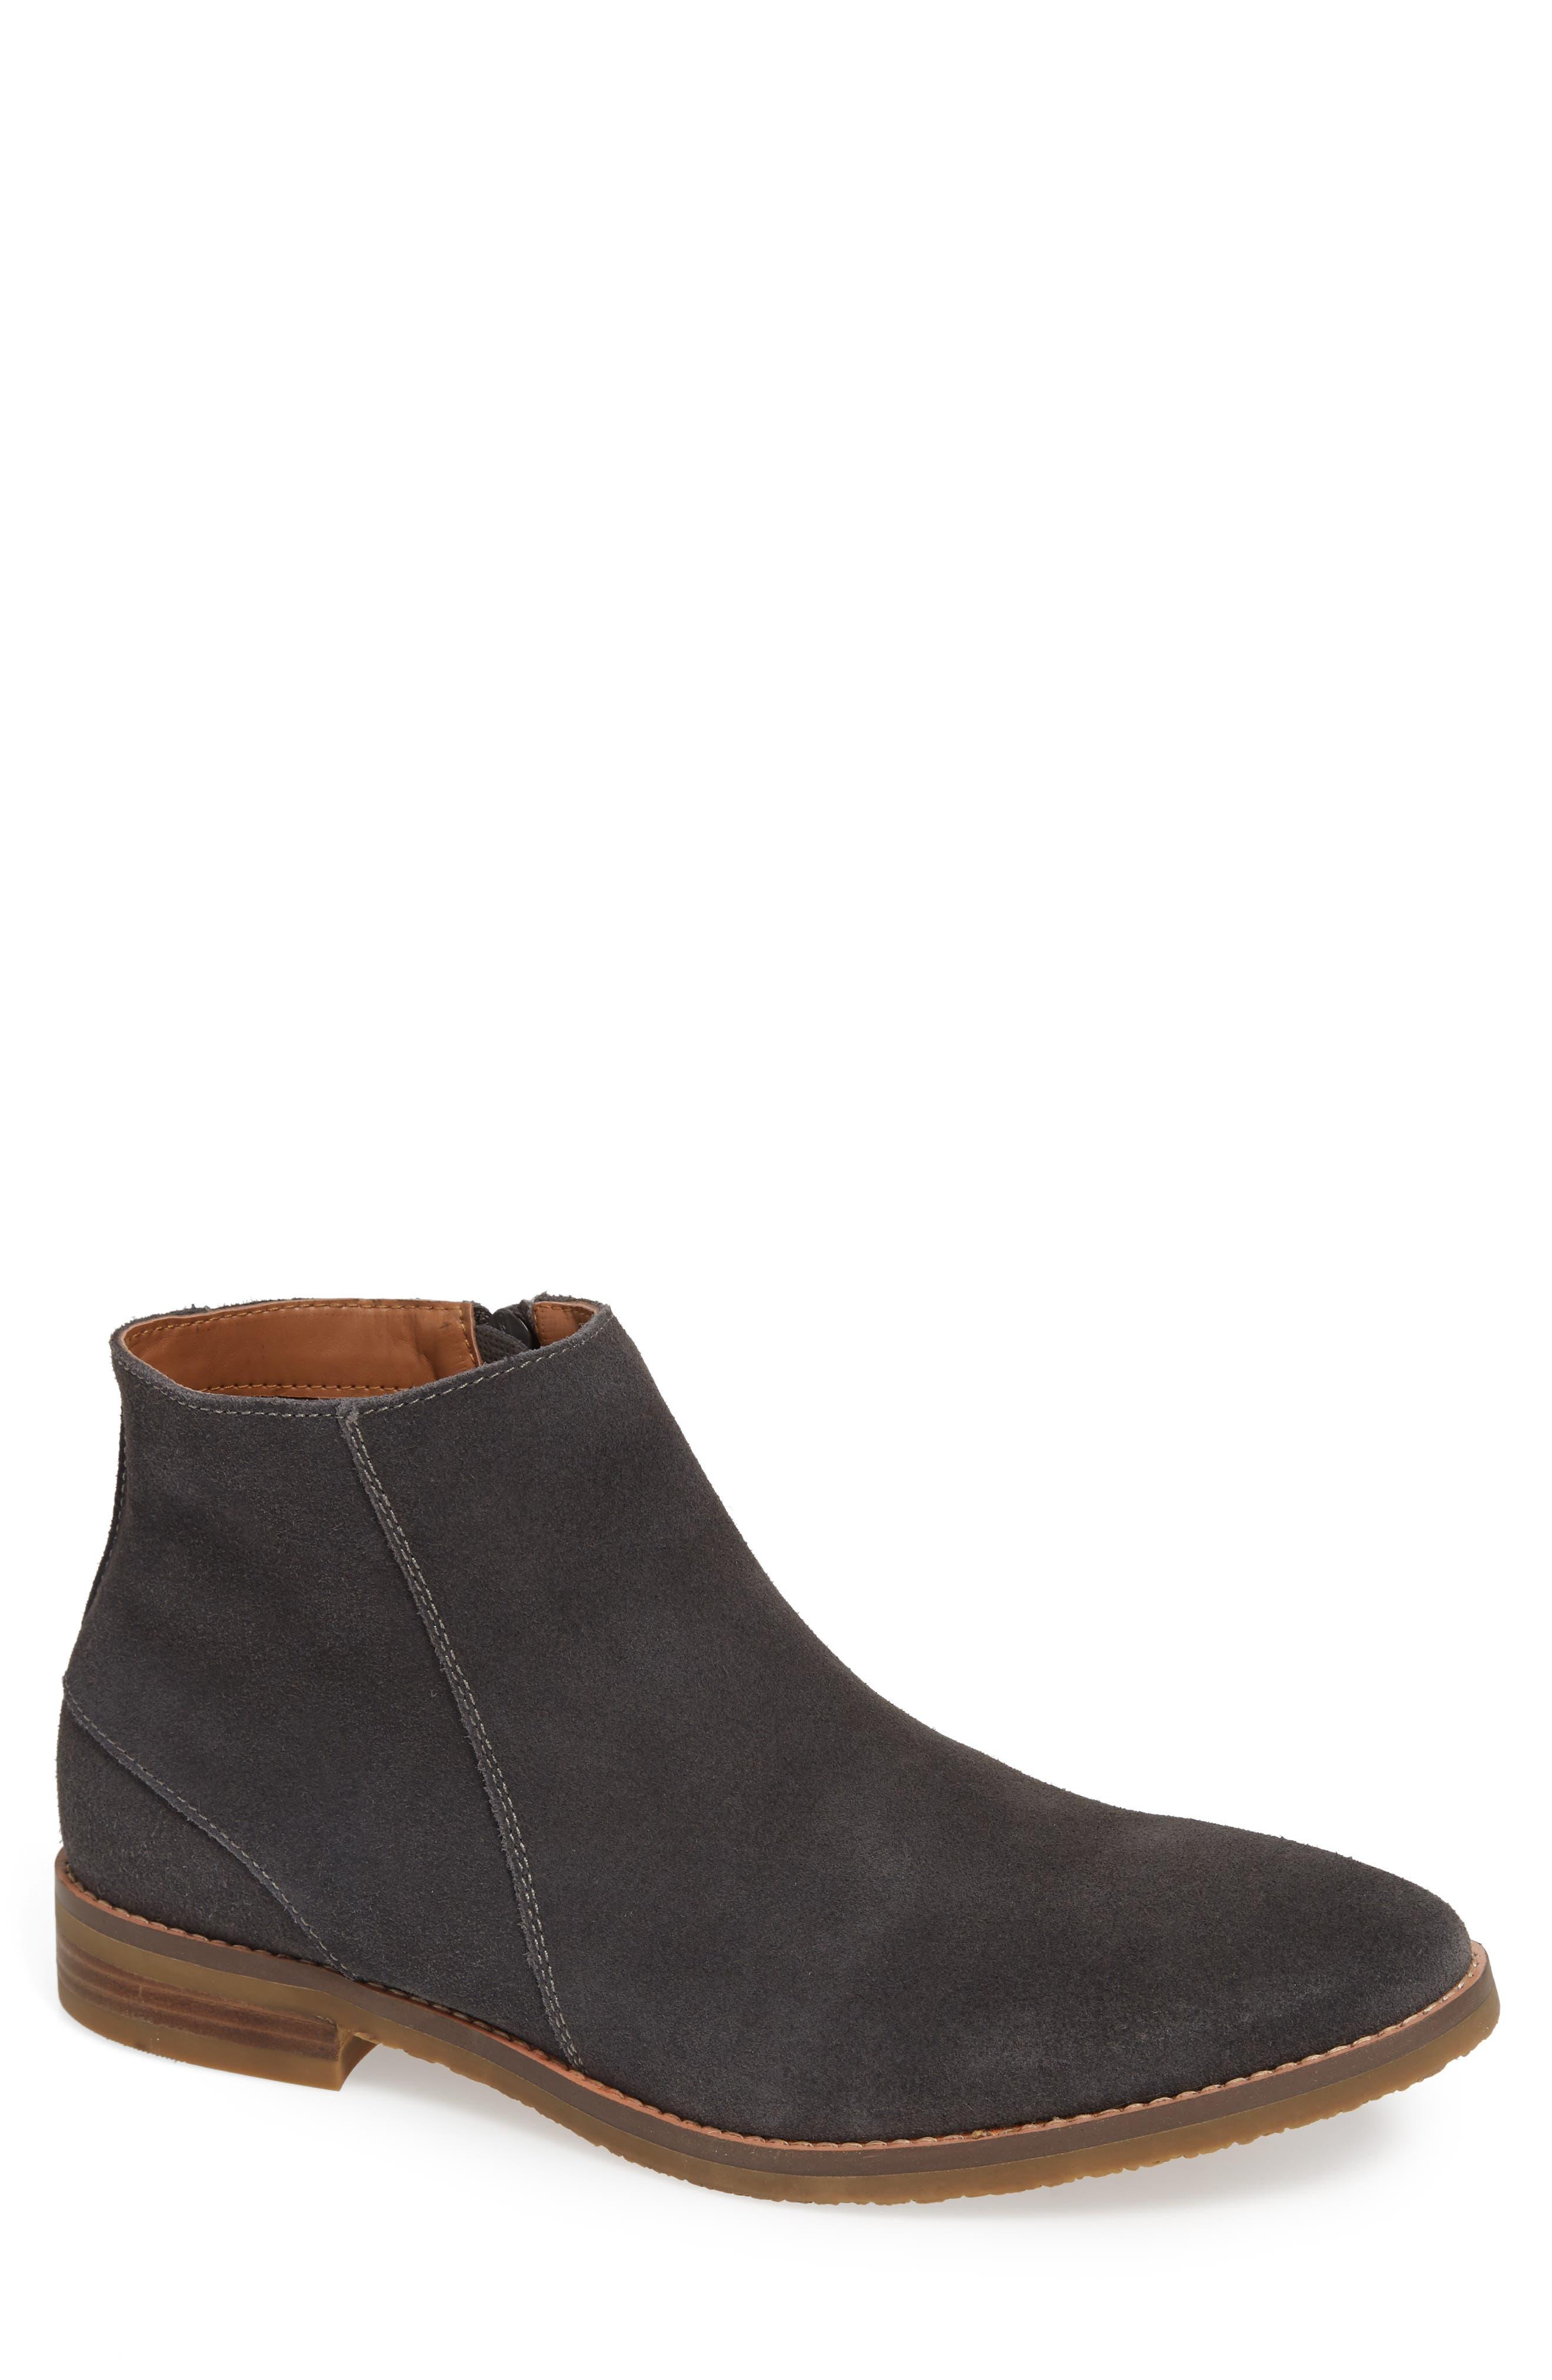 Brighton Chelsea Zip Boot,                         Main,                         color, GREY